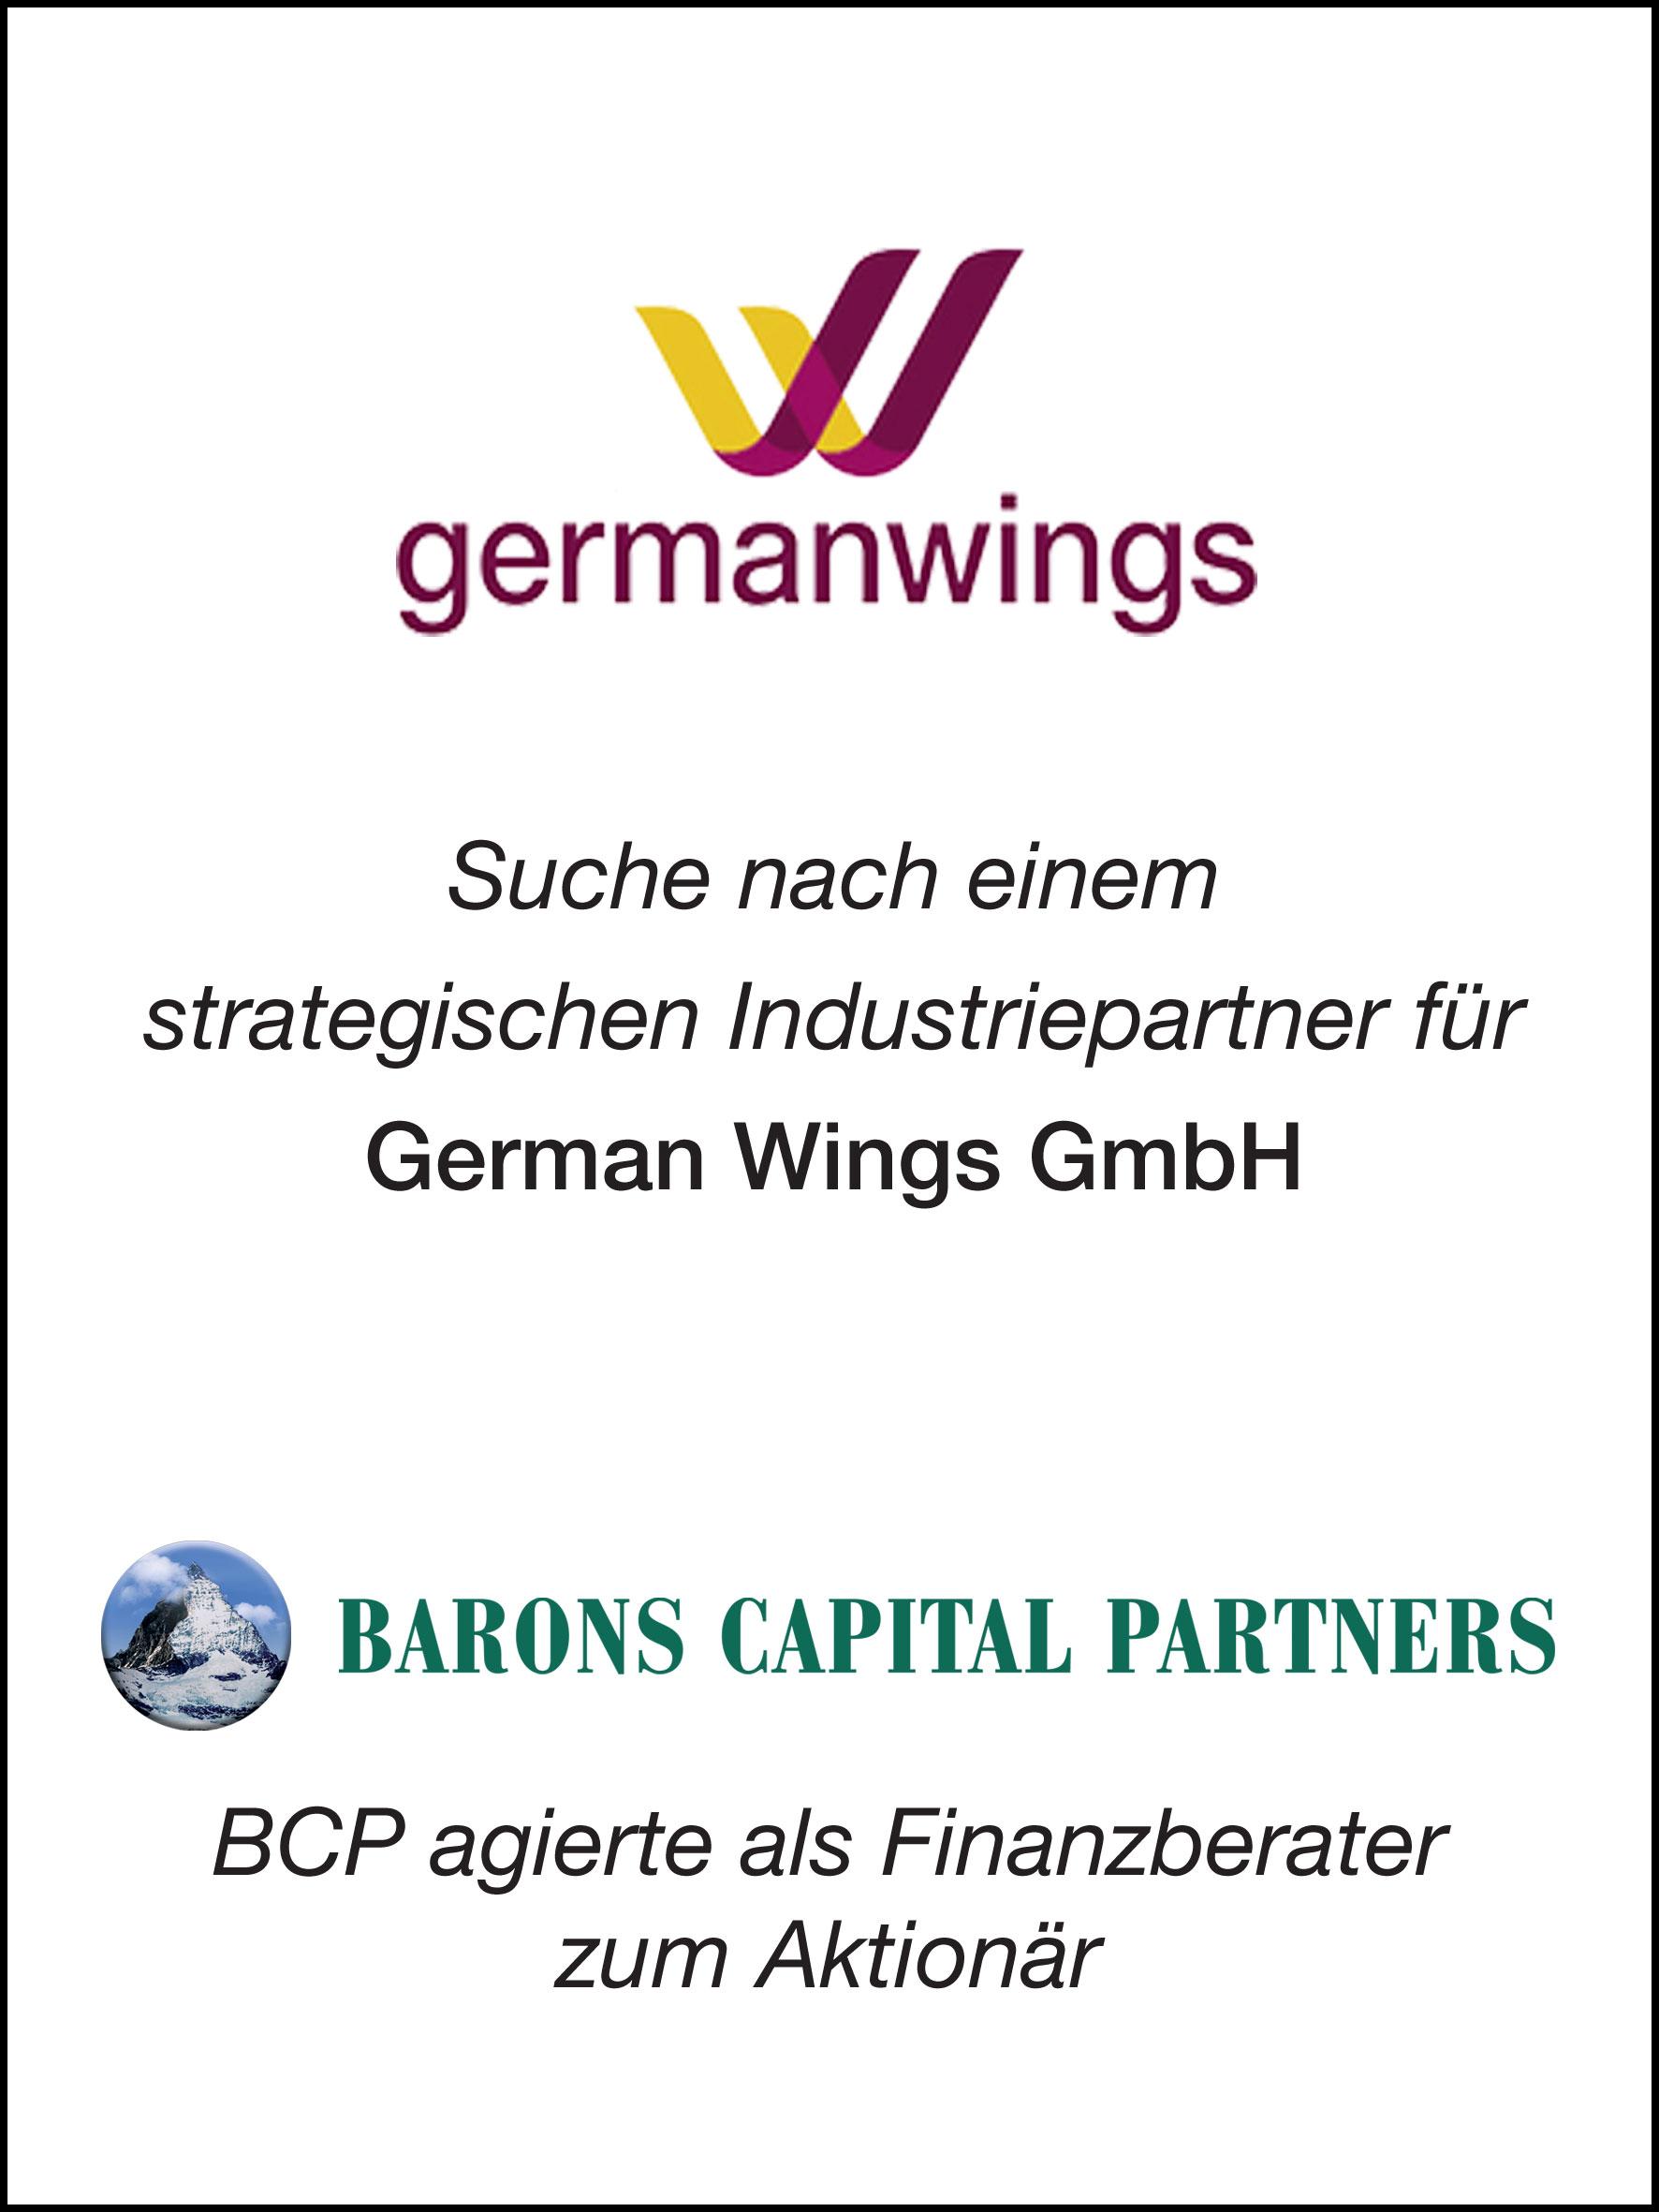 26_German Wings GmbH_G